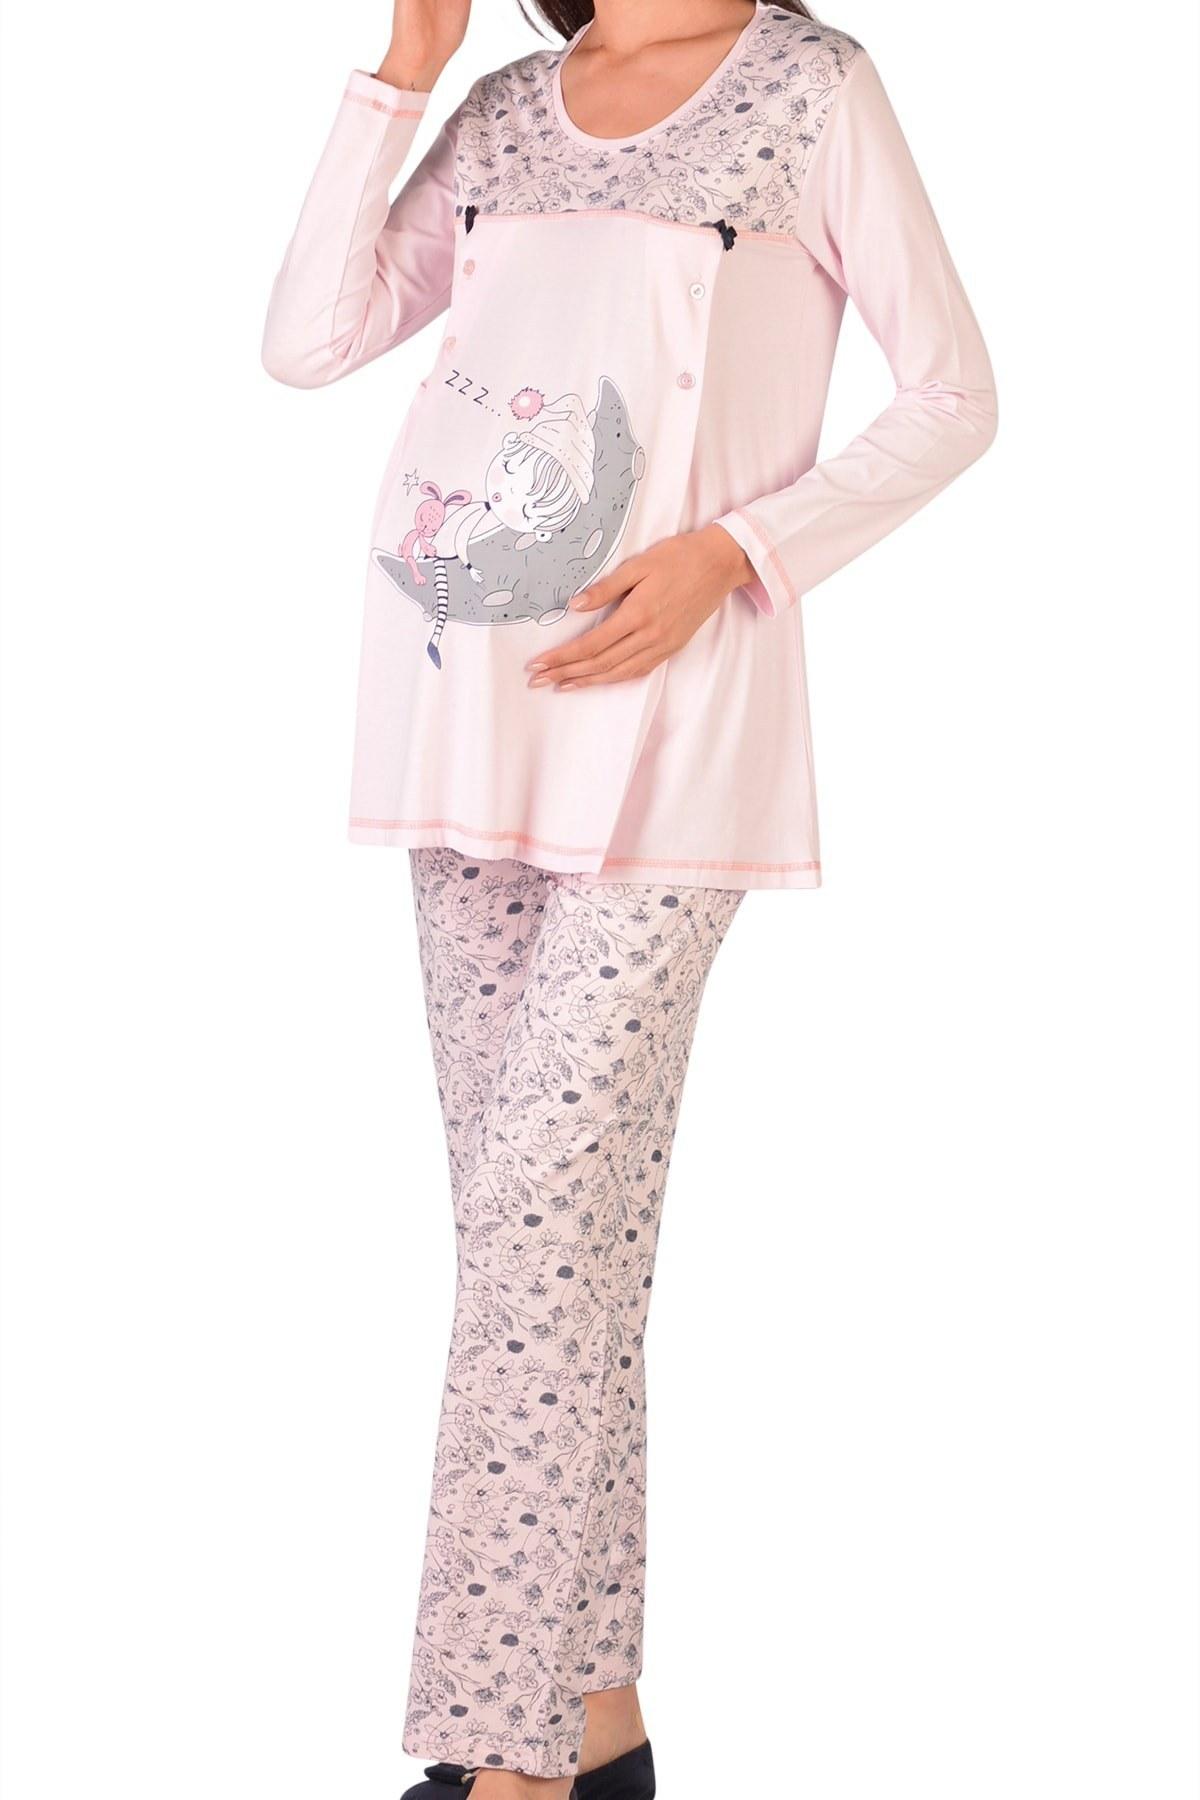 ست لباس راحتی بارداری زنانه آستین کوتاه صورتی برند Nicoletta کد 1603908181